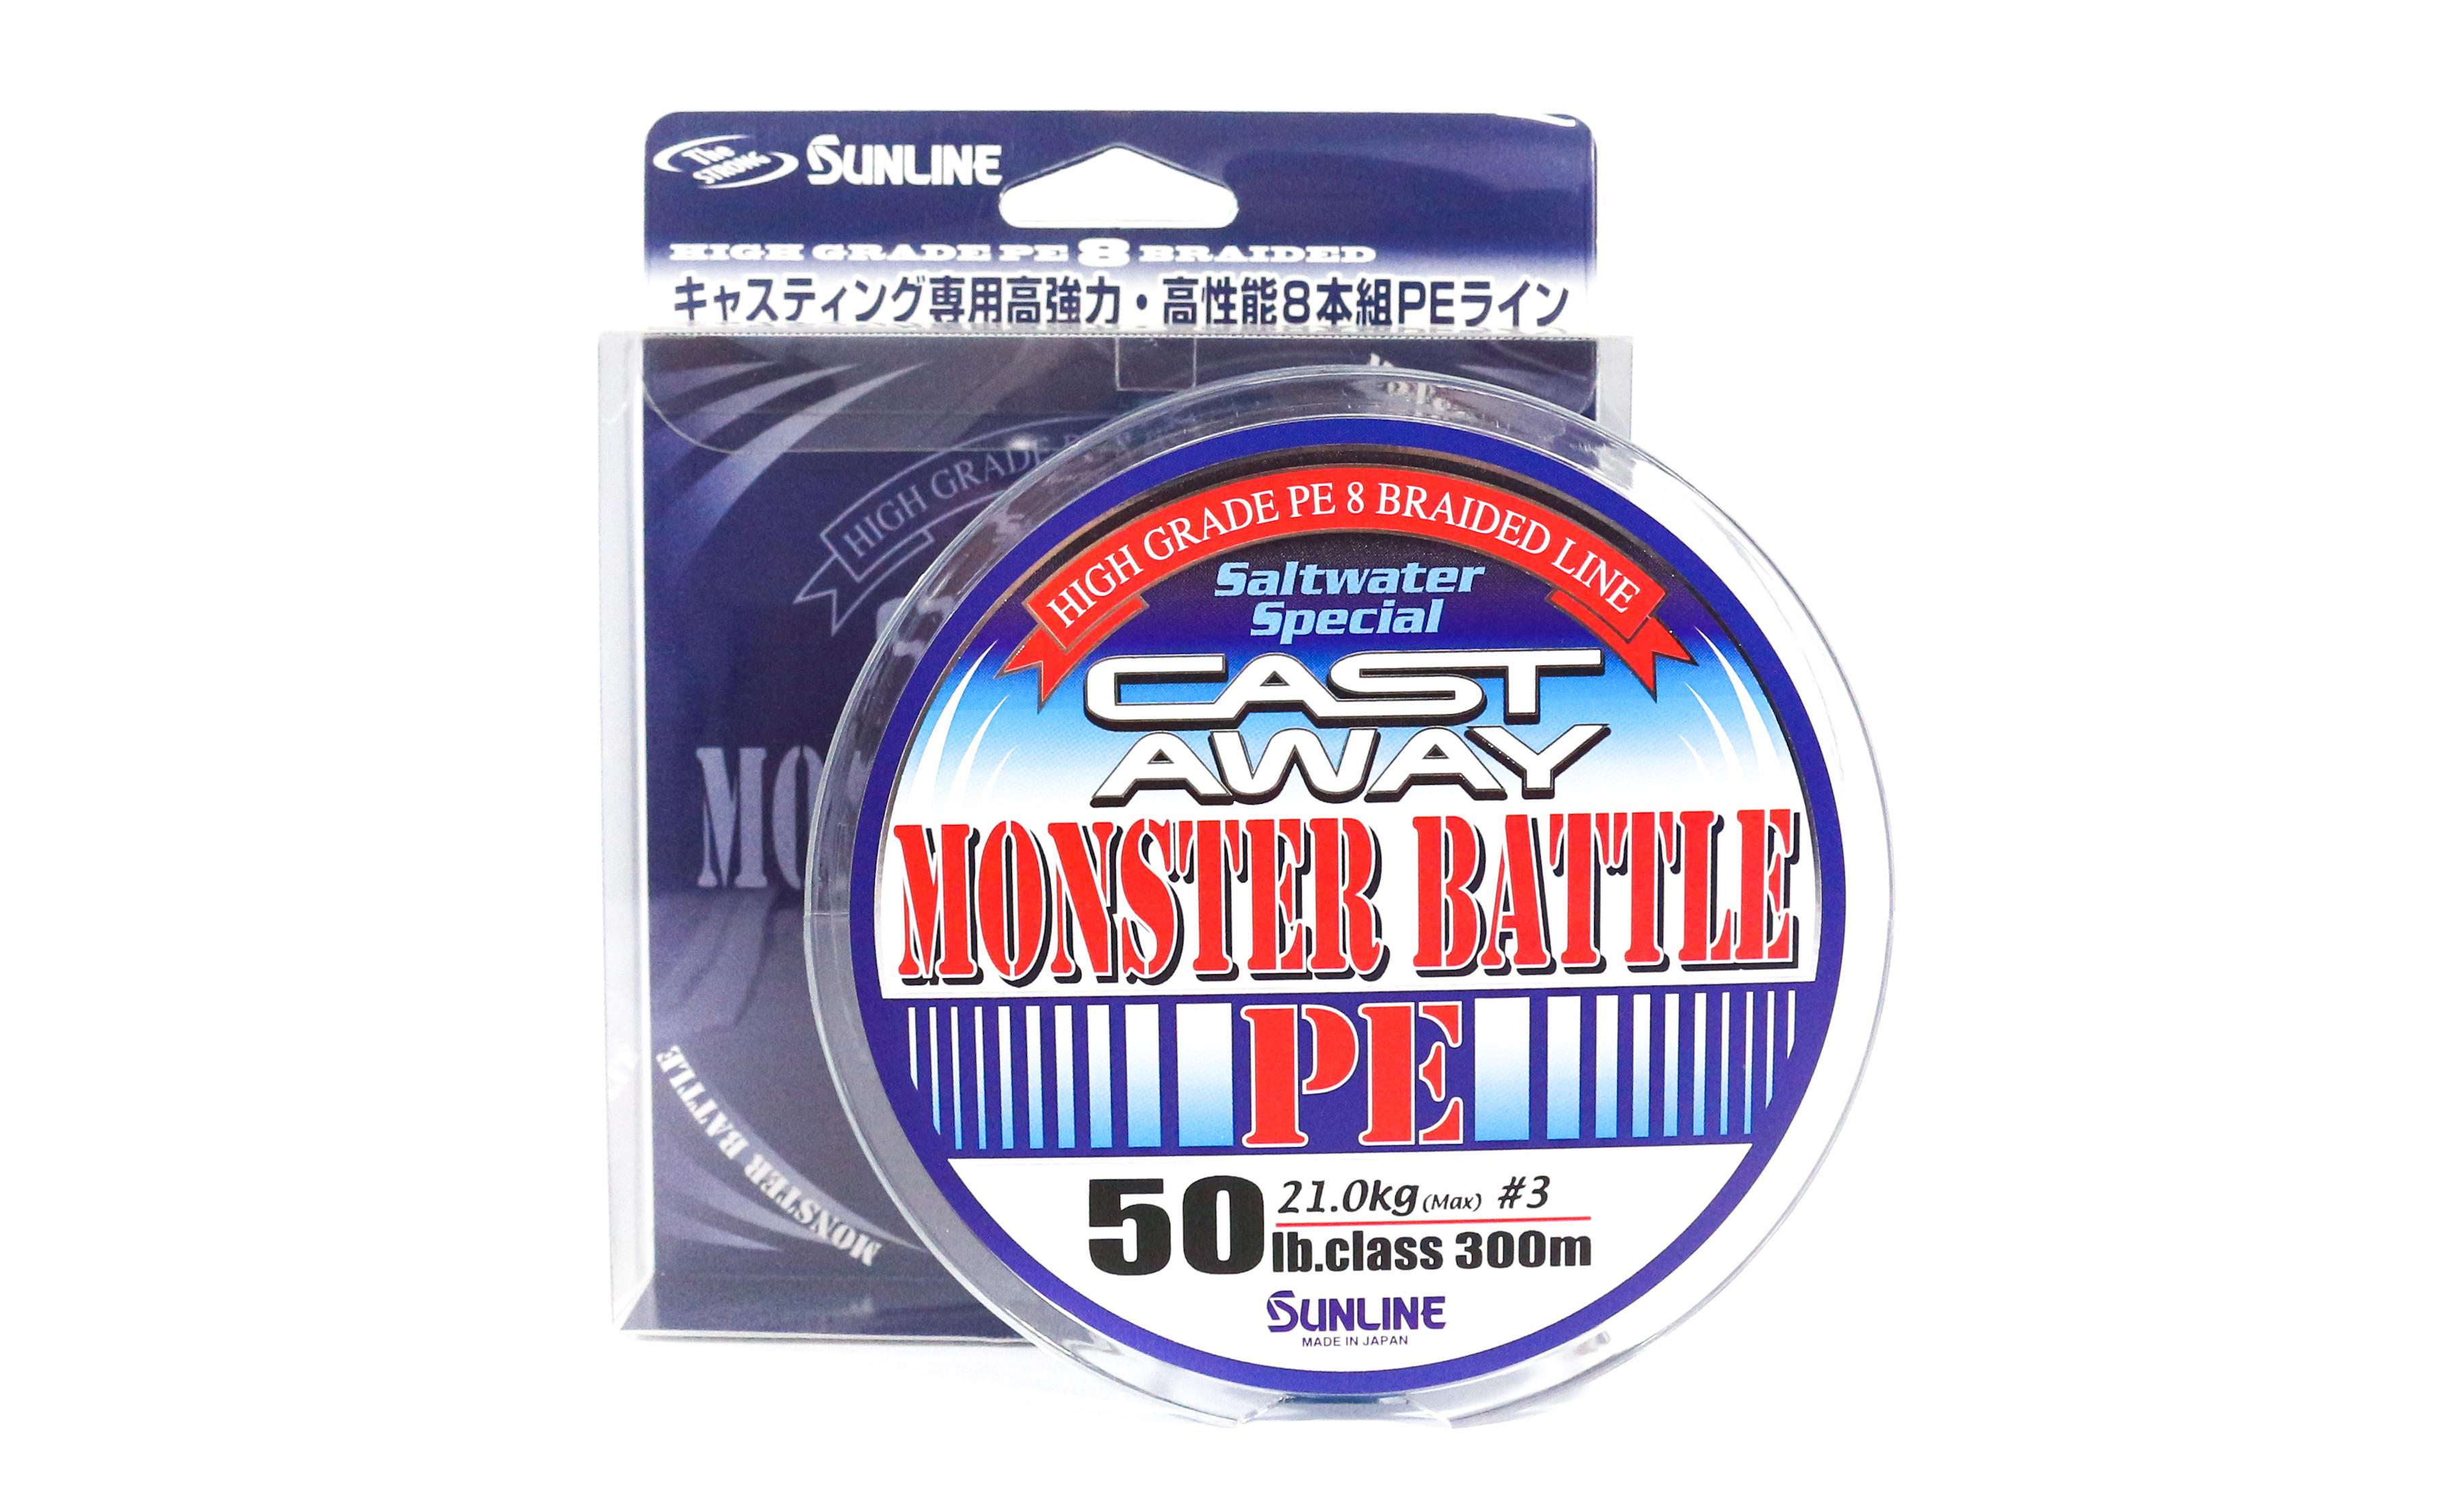 Sunline P.E Line X8 Monster Battle Cast Away 300m P.E 3 50lb (6055)